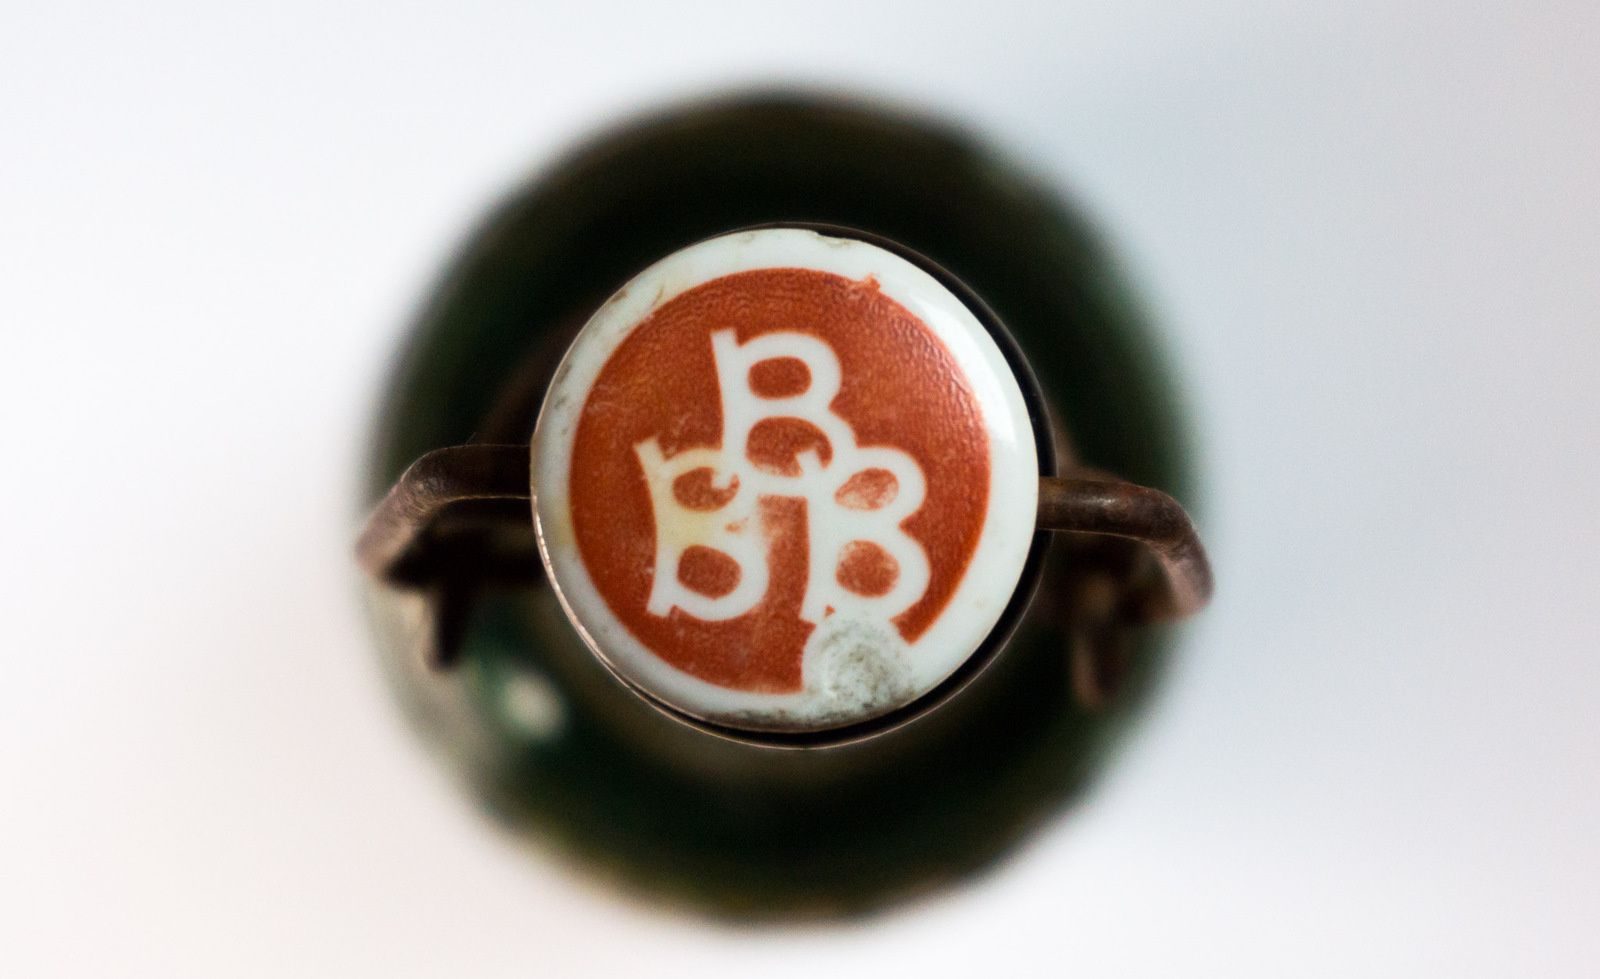 Le dernier bouchon de porcelaine avec le sigle BBB en blanc sur fond rouge est peut-être moins courant ?